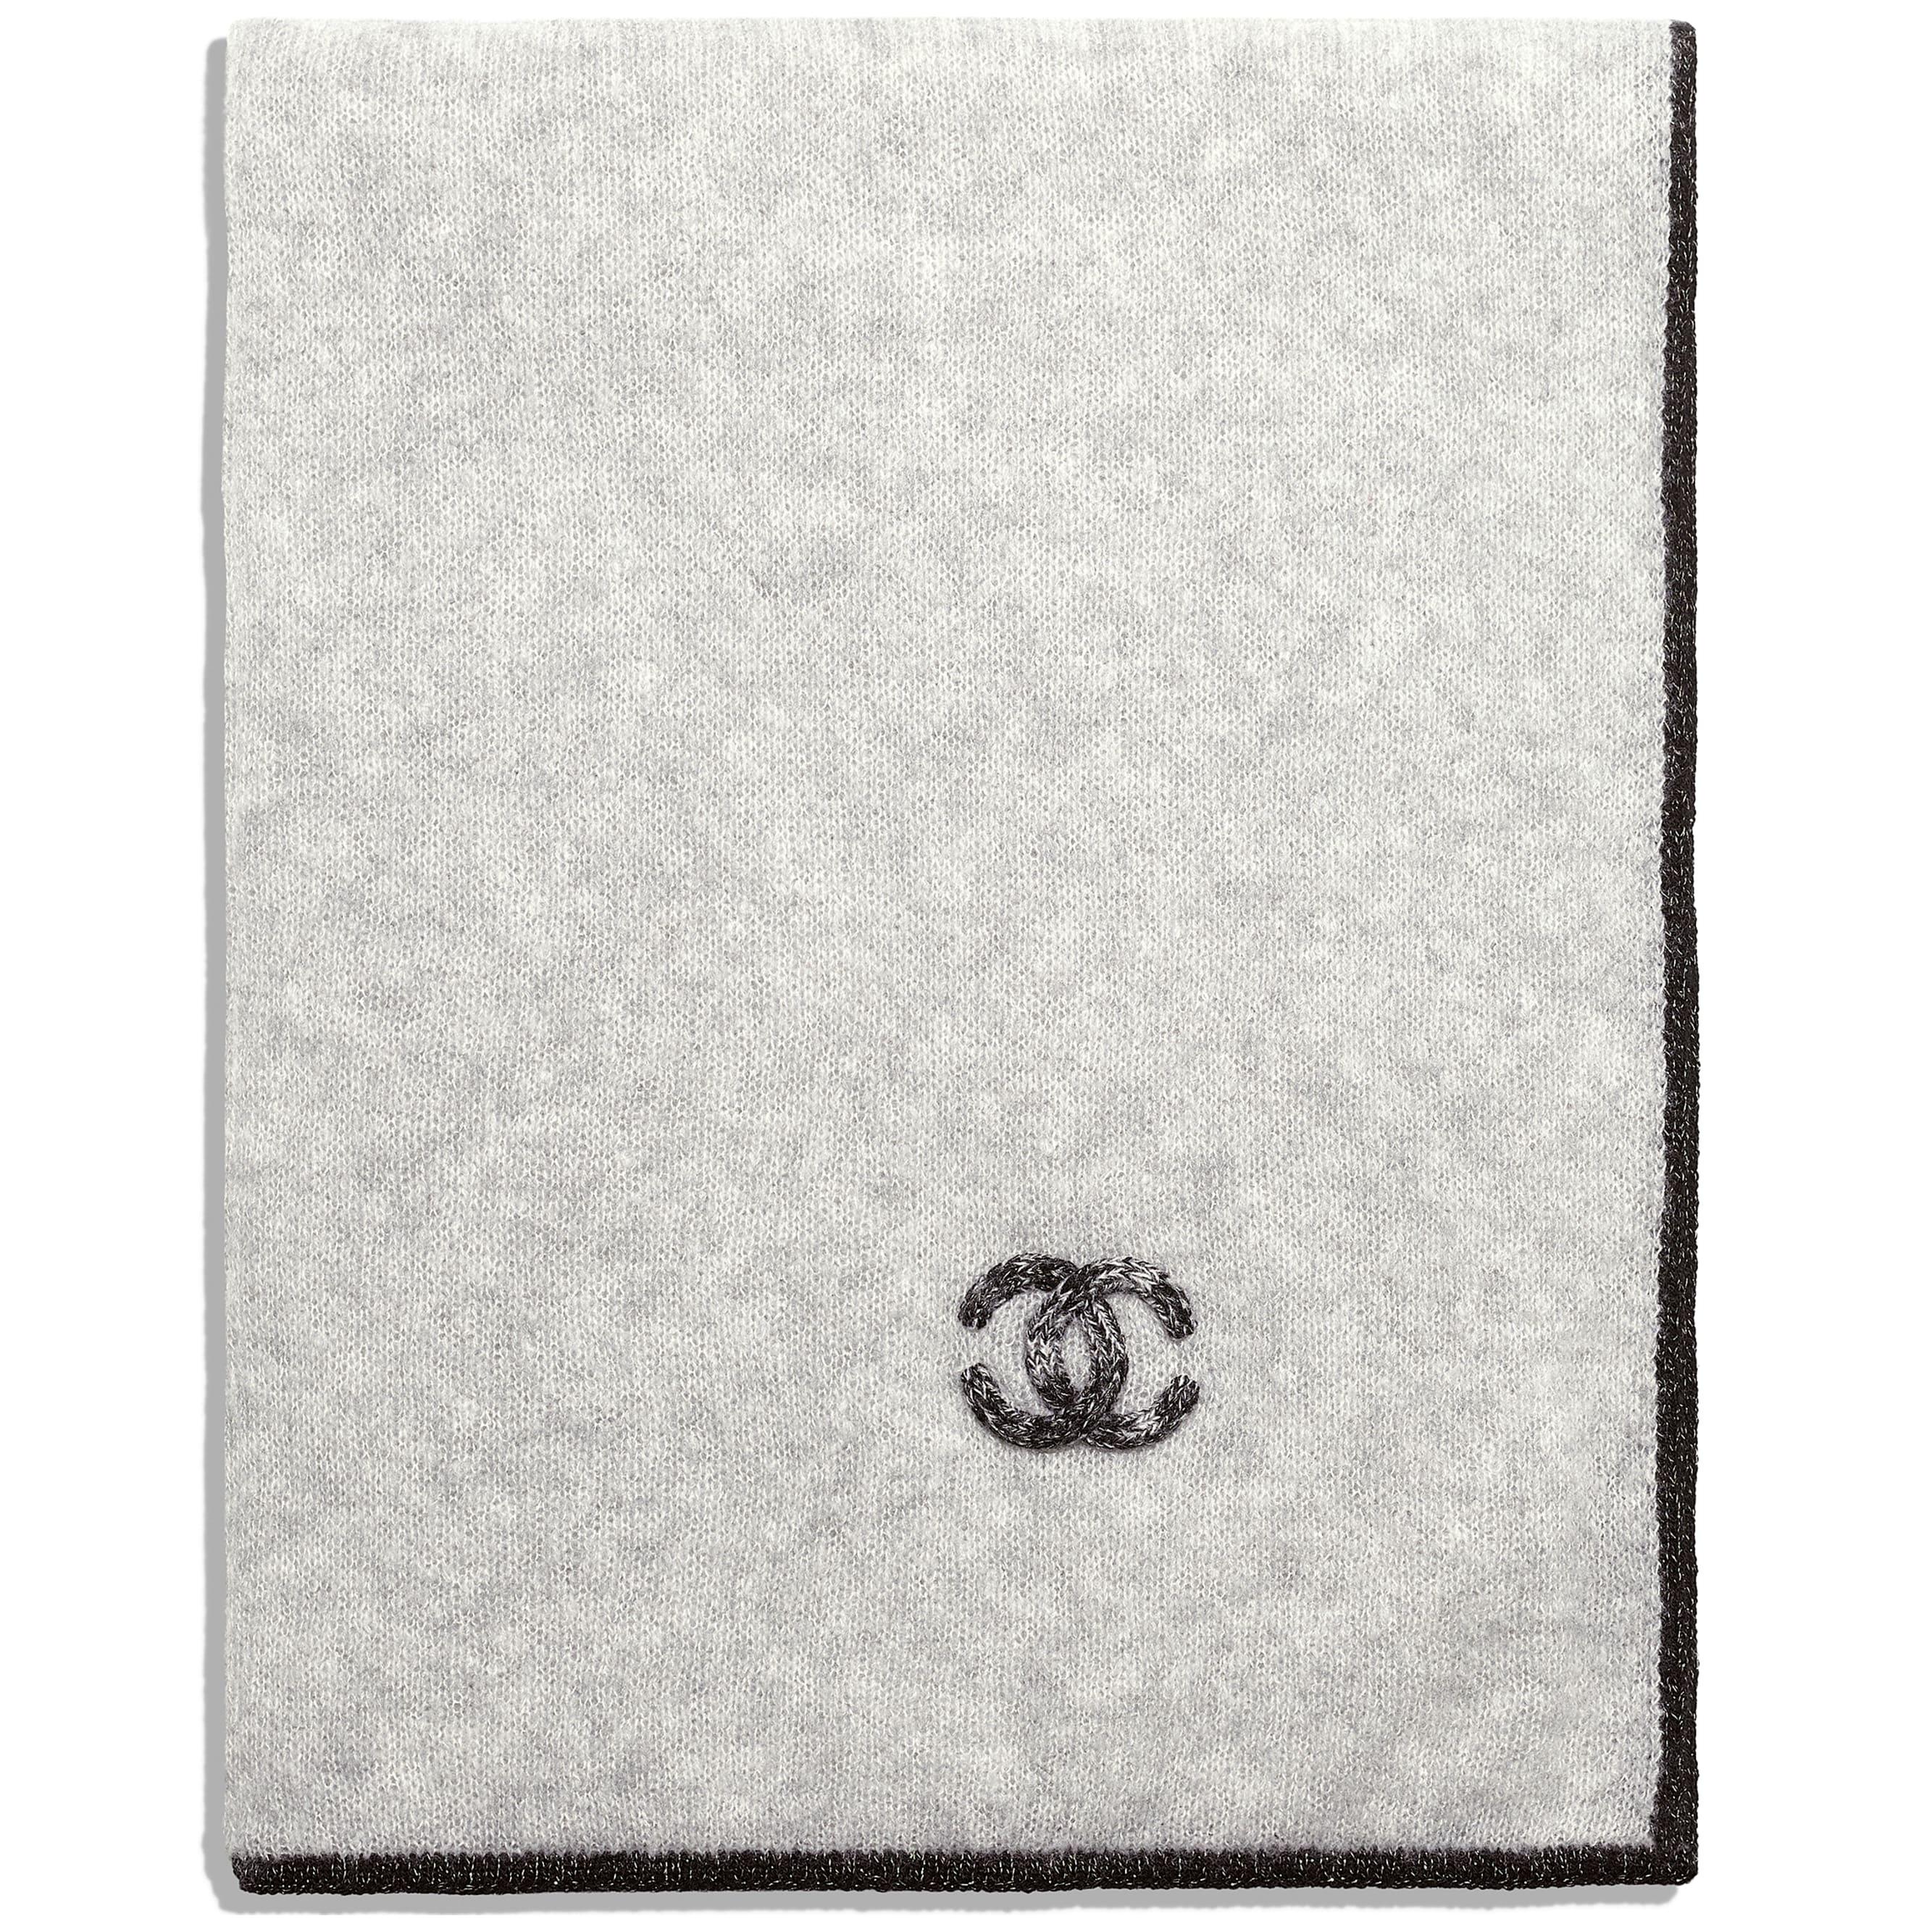 Шарф - Серый - Кашемир и шелк - Альтернативный вид - посмотреть изображение стандартного размера